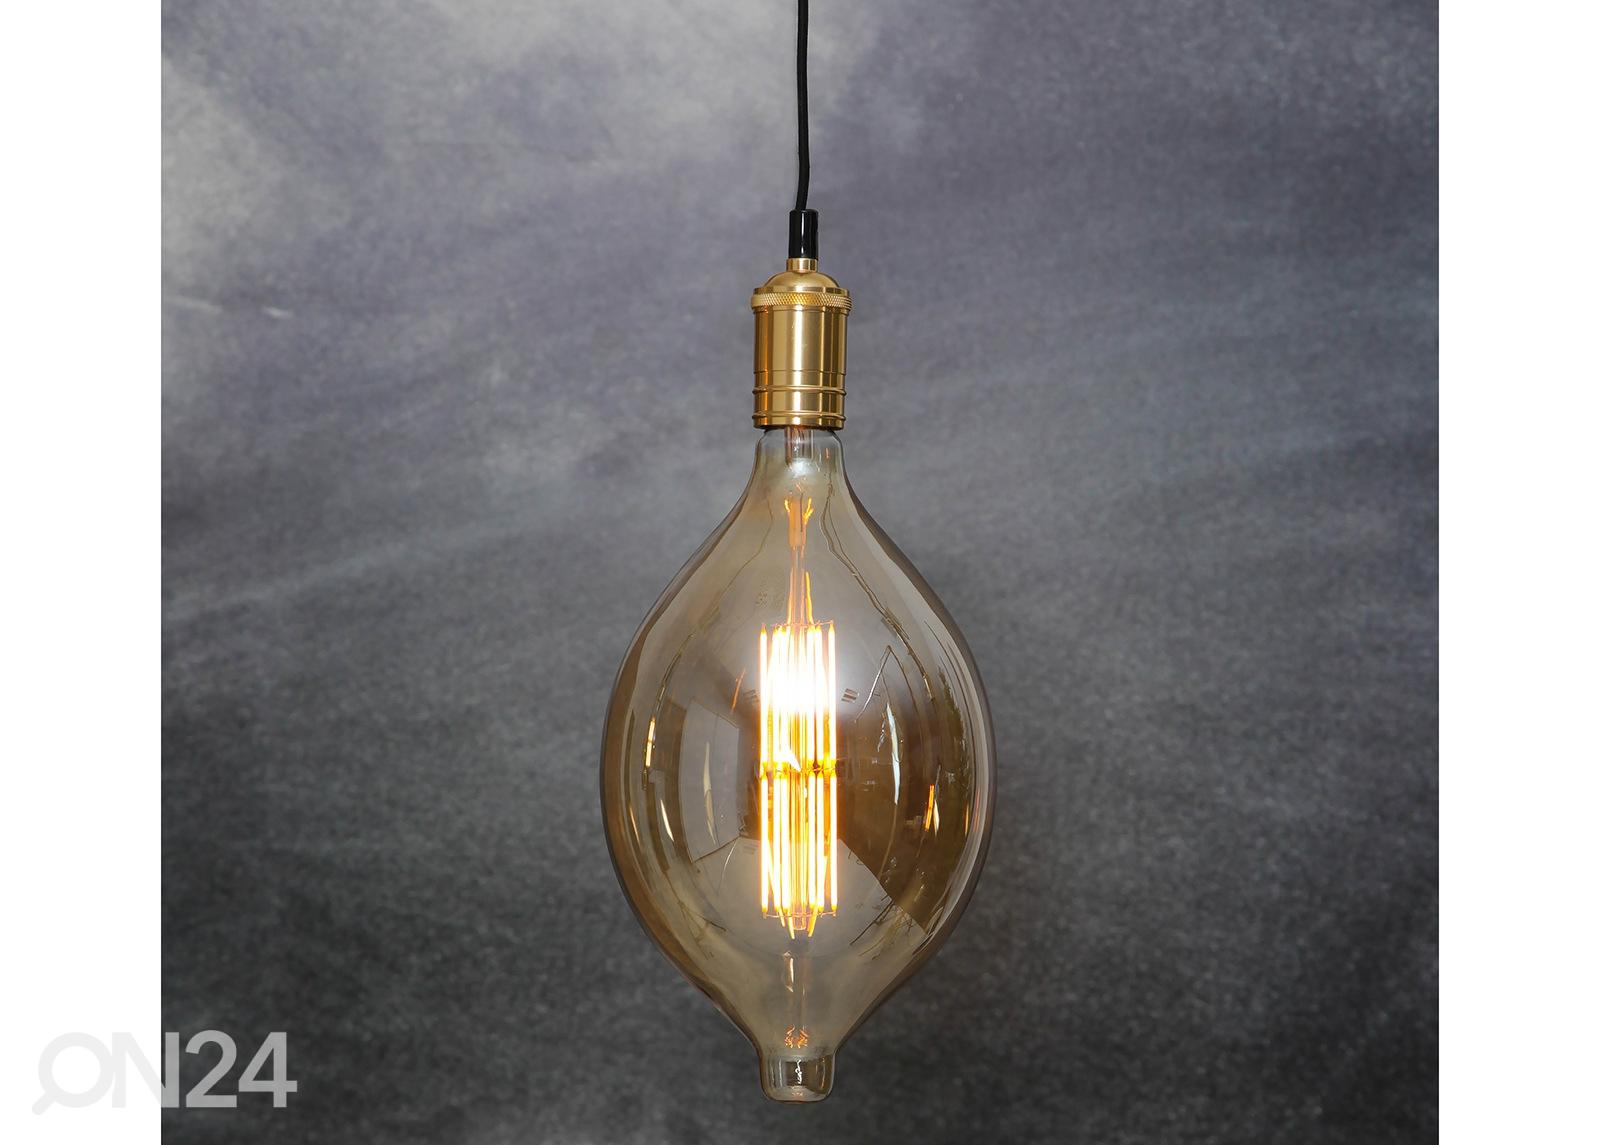 ce8a879a16f Dekoratiivne LED pirn E27 10 W AA-152421 - ON24 Sisustuskaubamaja